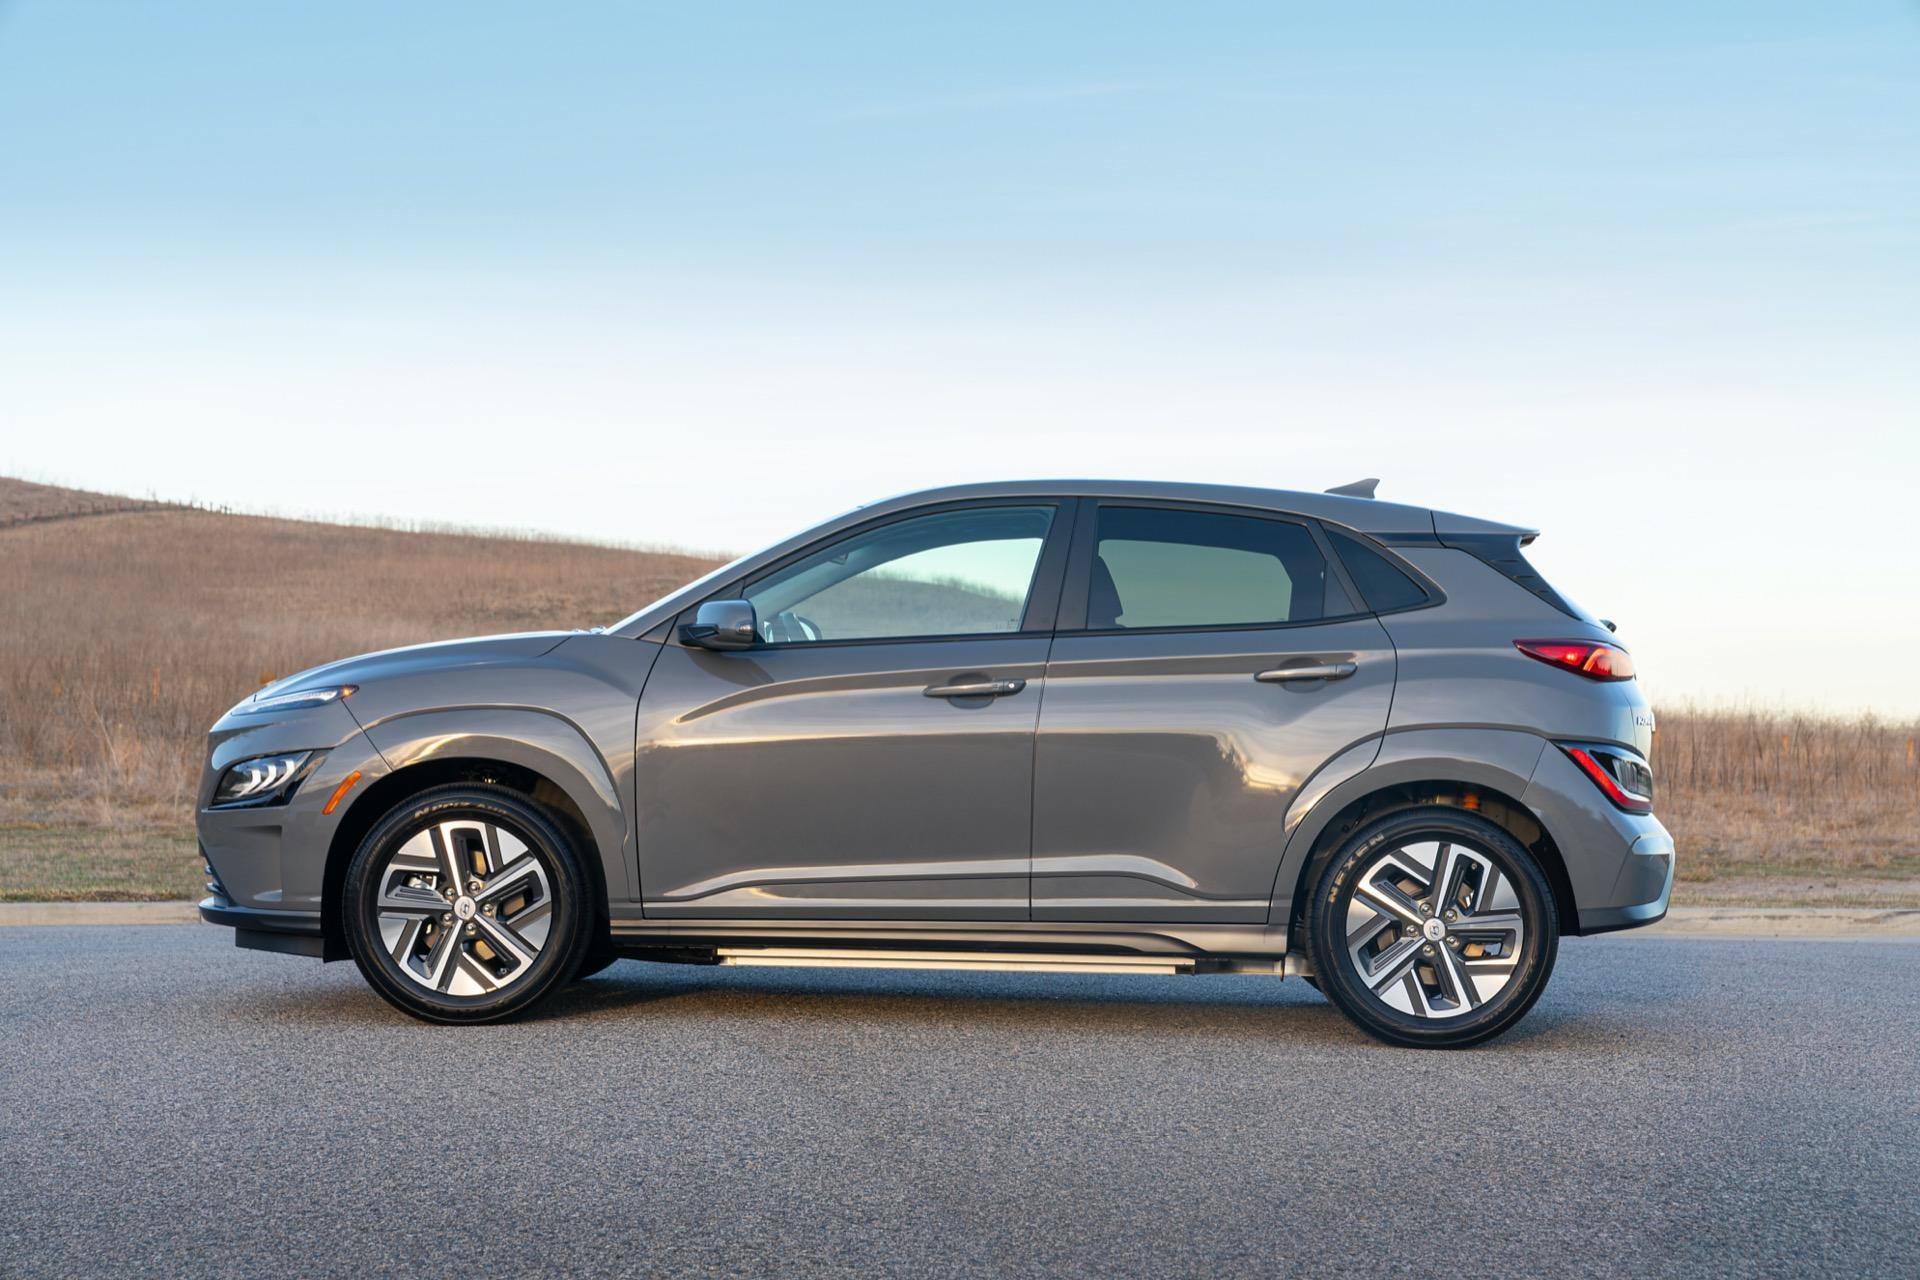 Kona là một trong những chiếc CUV rẻ nhất tại xứ cờ hoa. Ảnh: Hyundai